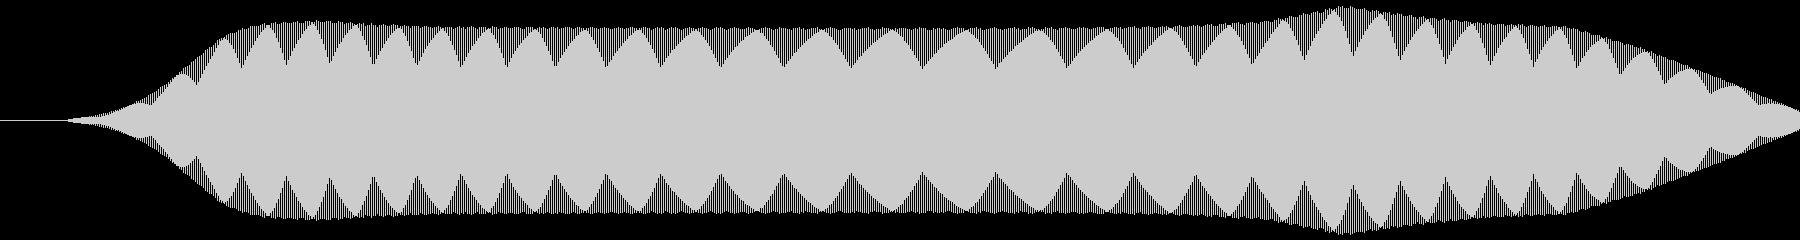 リモコン(スイッチボタン 電子音)ピッ②の未再生の波形